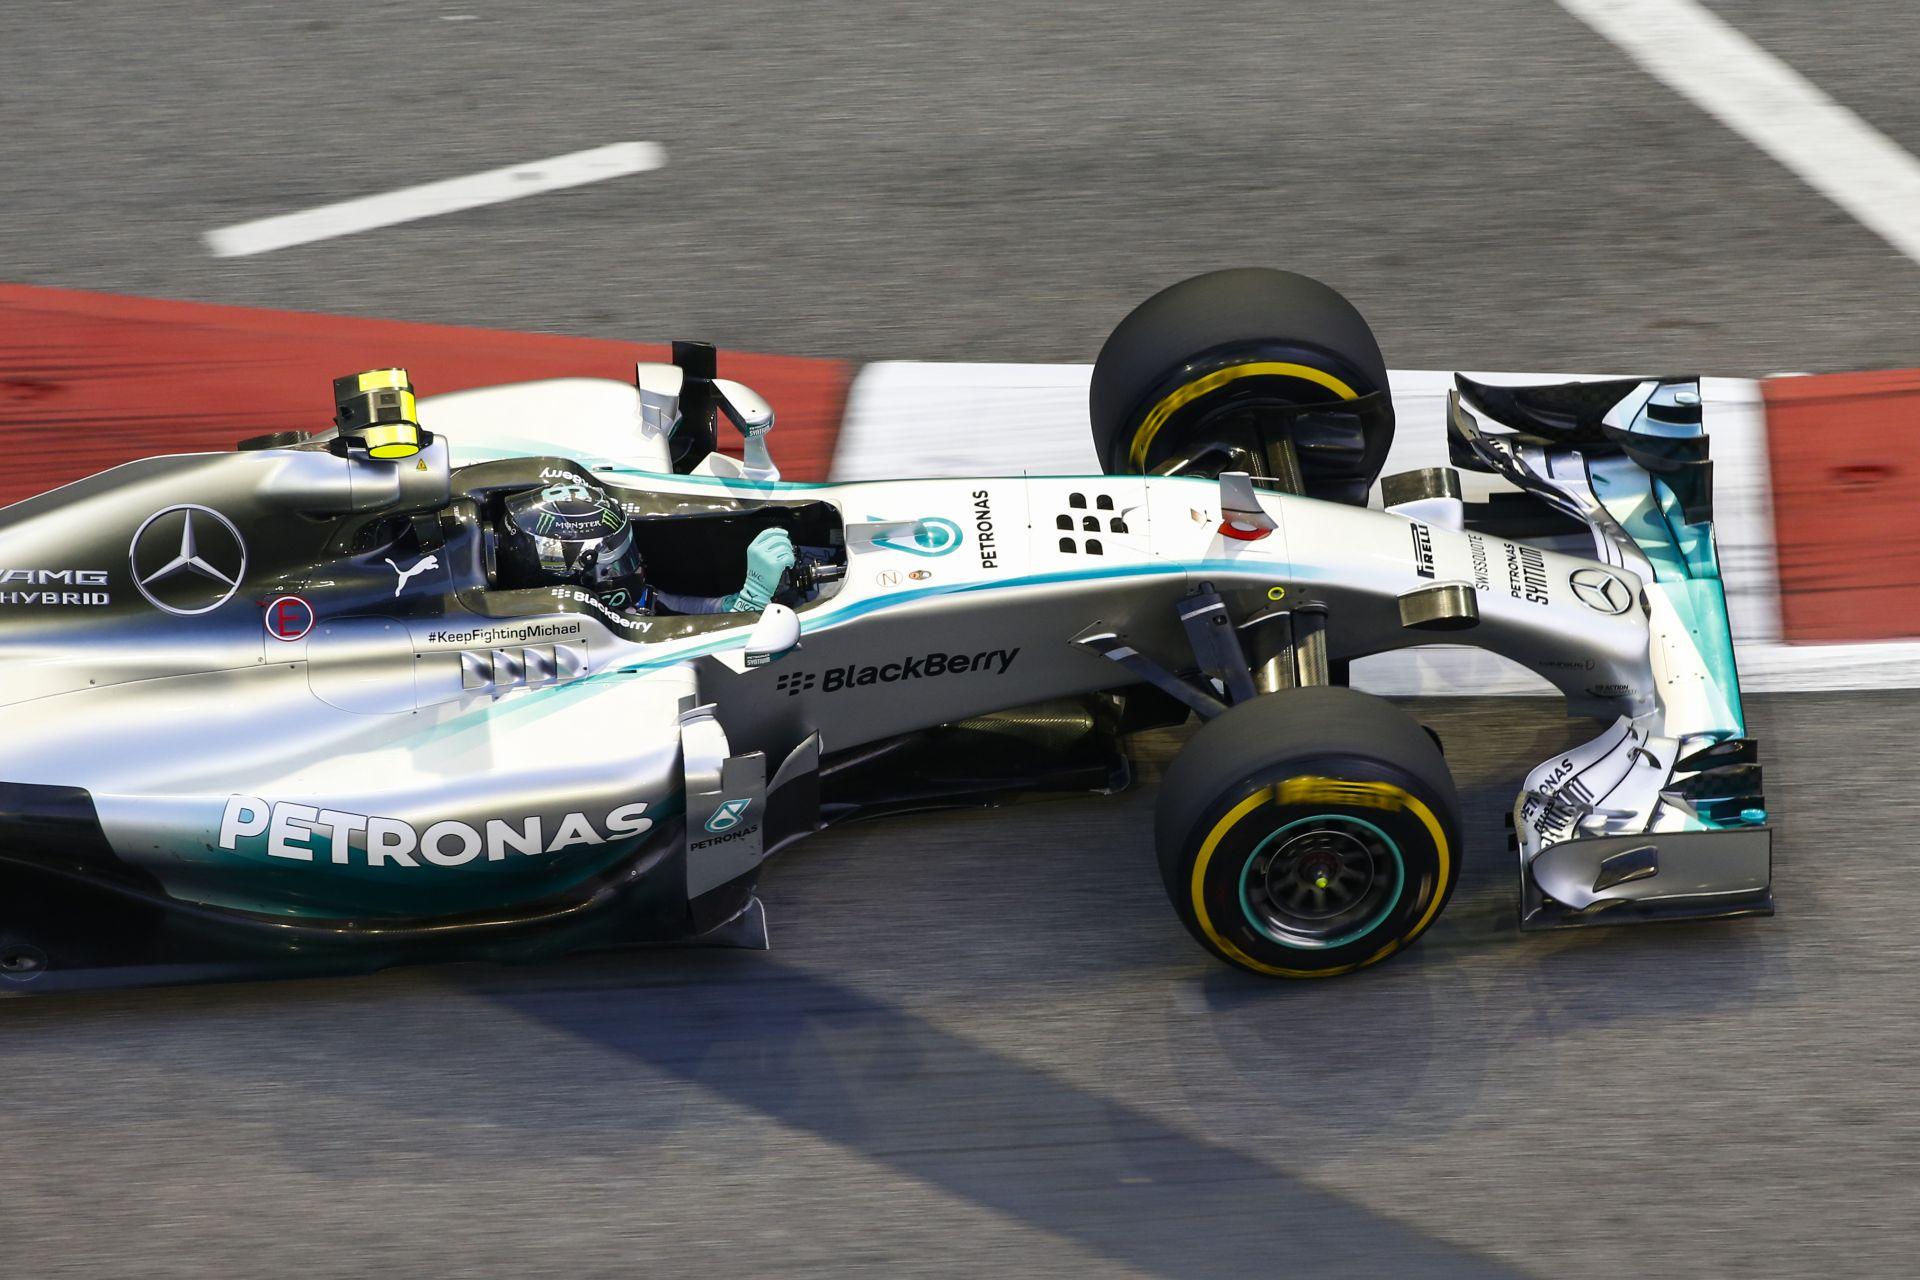 A Mercedes megkettőzött erővel dolgozik a megbízhatóságon Rosberg kiesése után